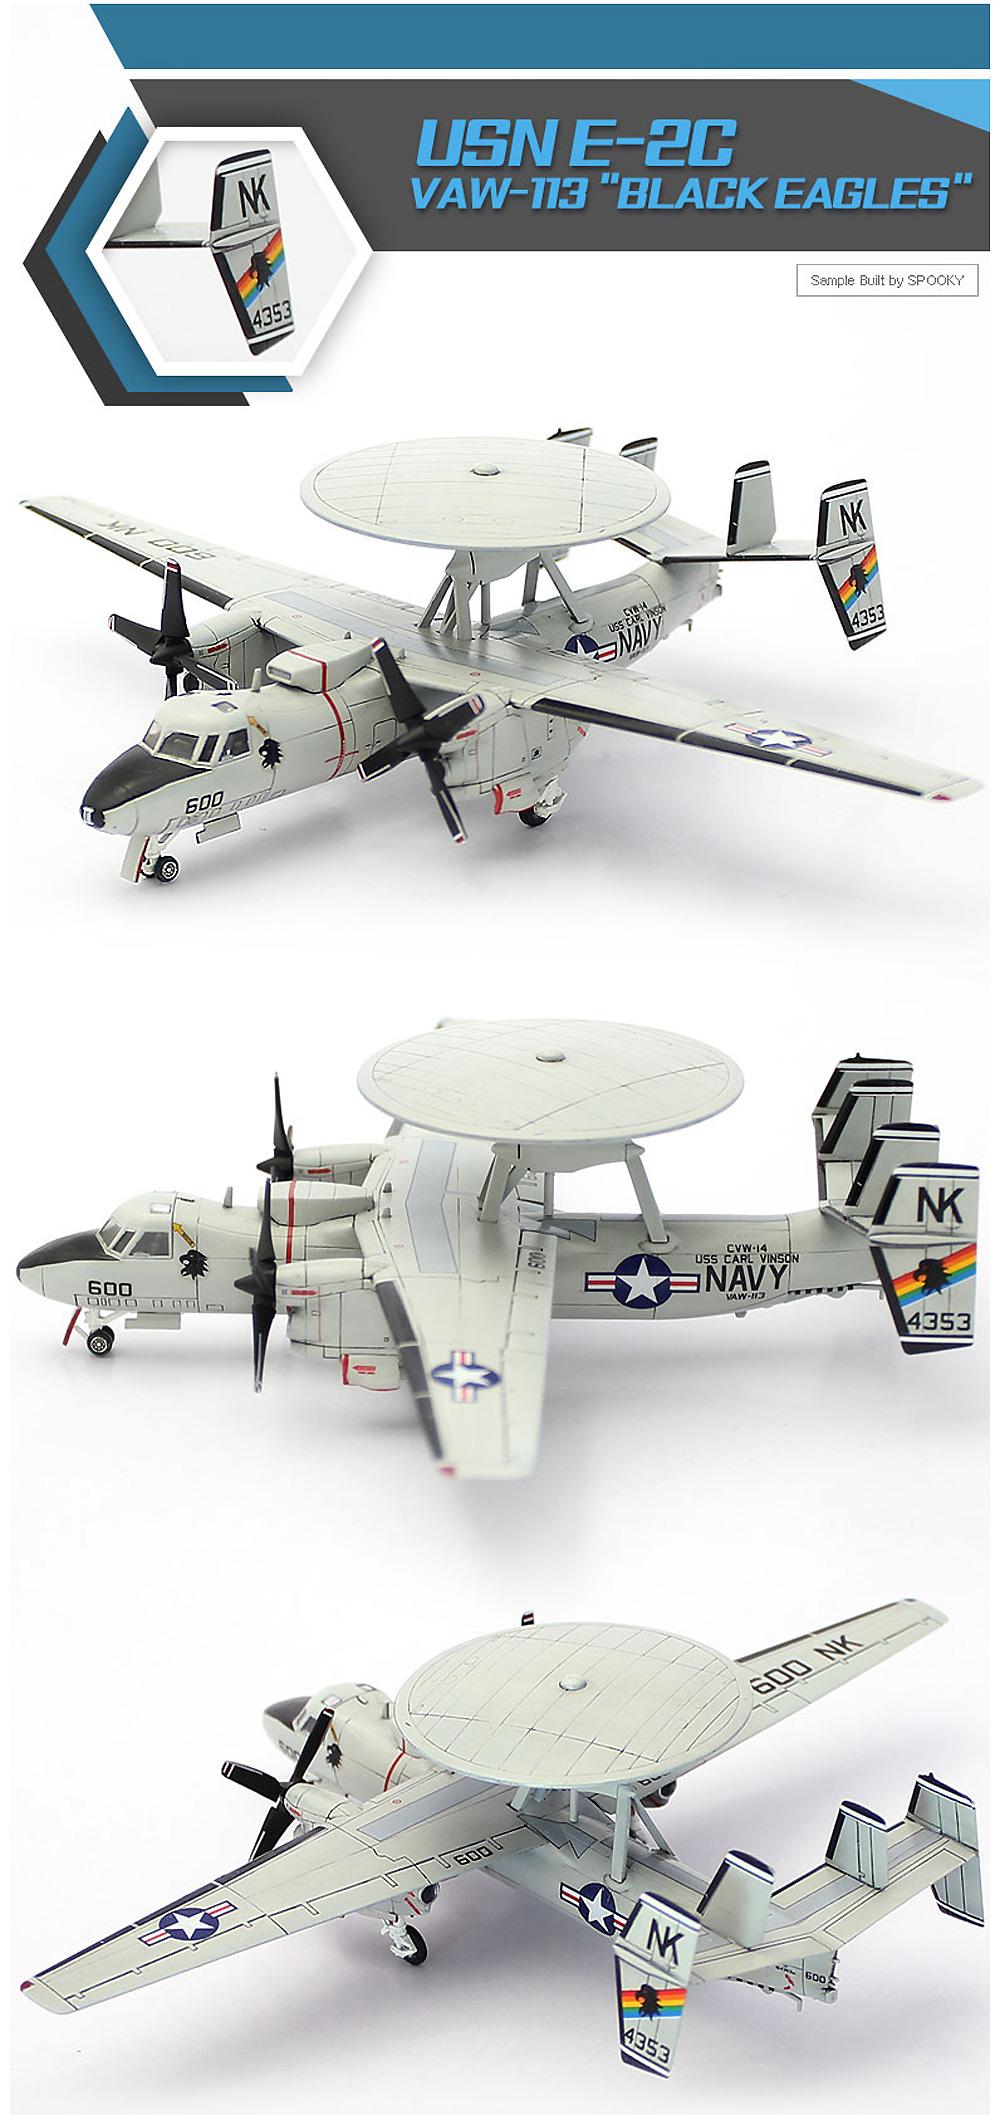 USN E-2C ホークアイ VAW-113 ブラックイーグルスプラモデル(アカデミー1/144 Scale AircraftsNo.12623)商品画像_3